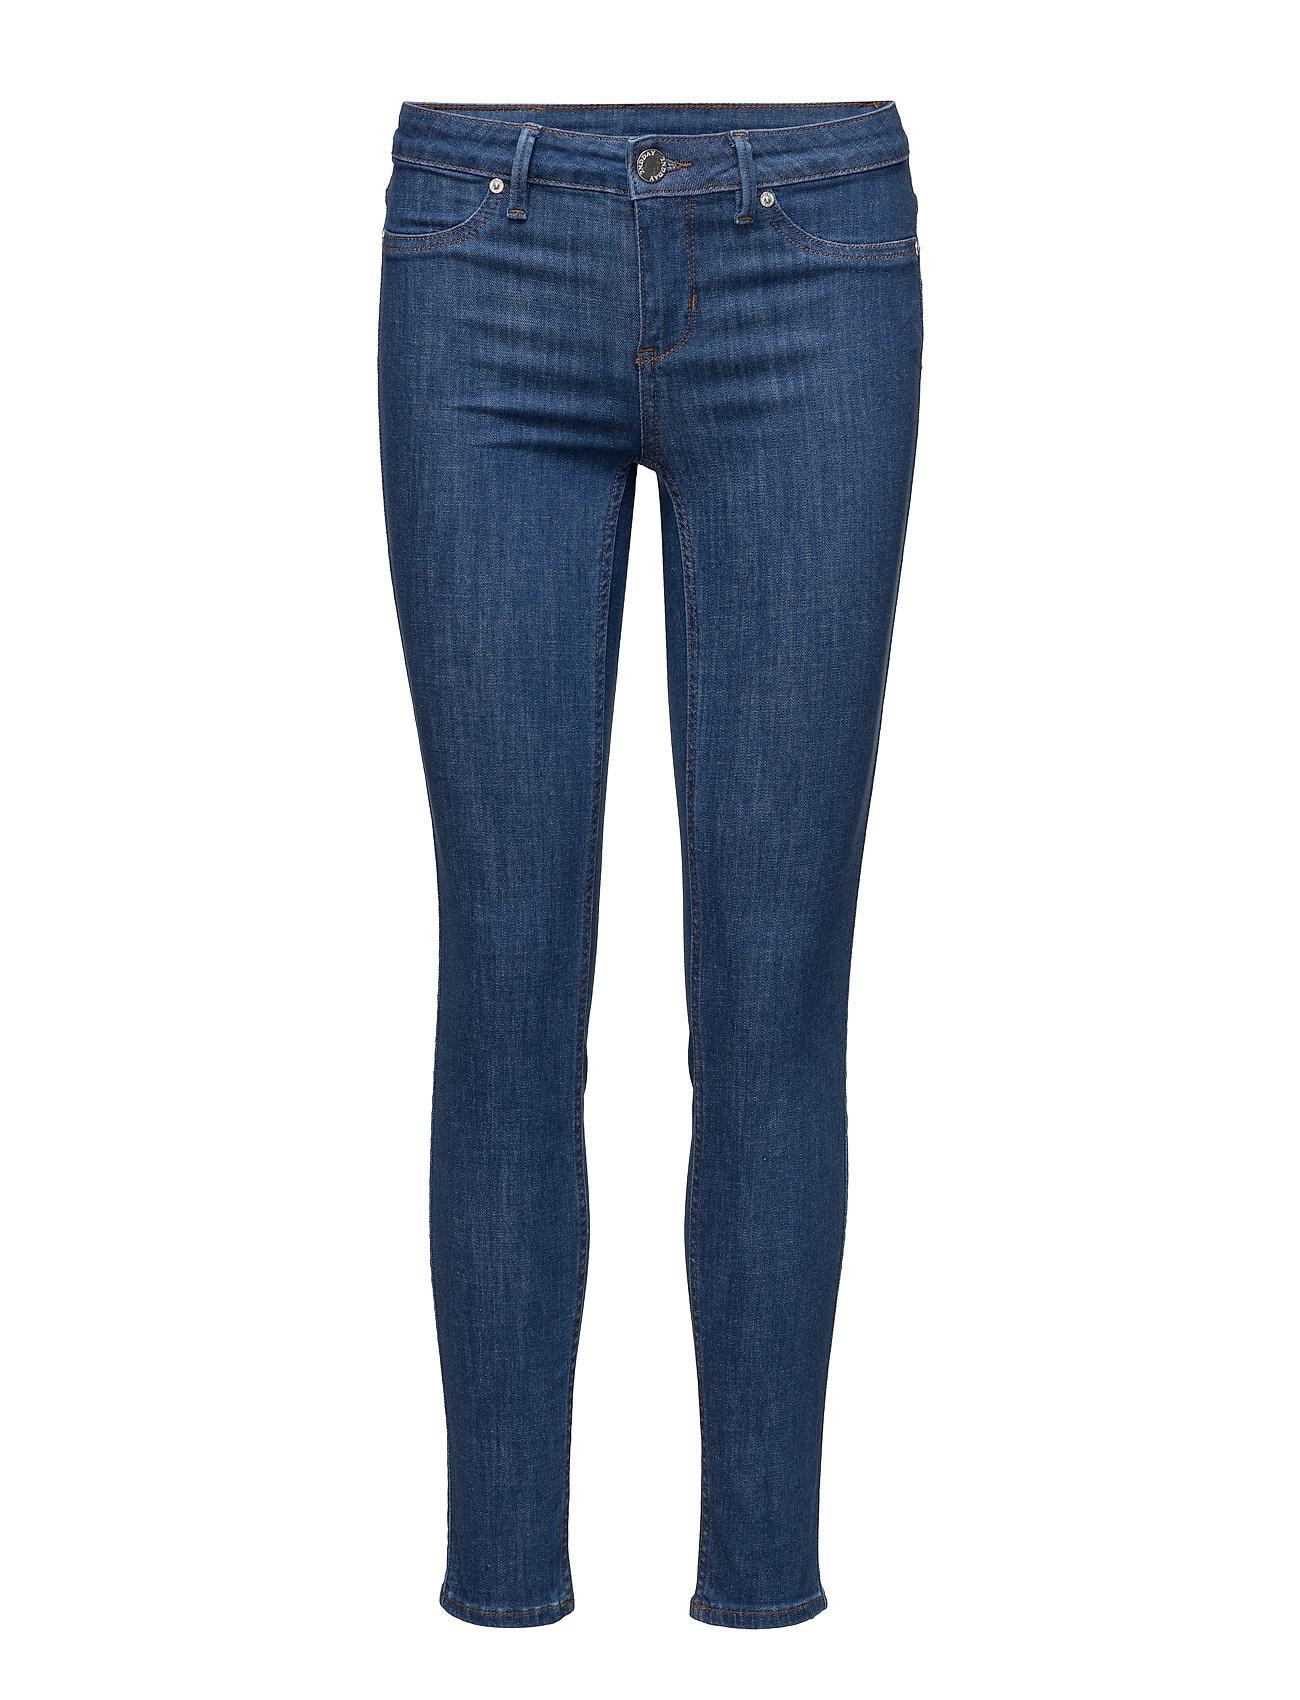 2nd Jolie Crop Soft Blue 2NDDAY Skinny til Damer i Bright blå